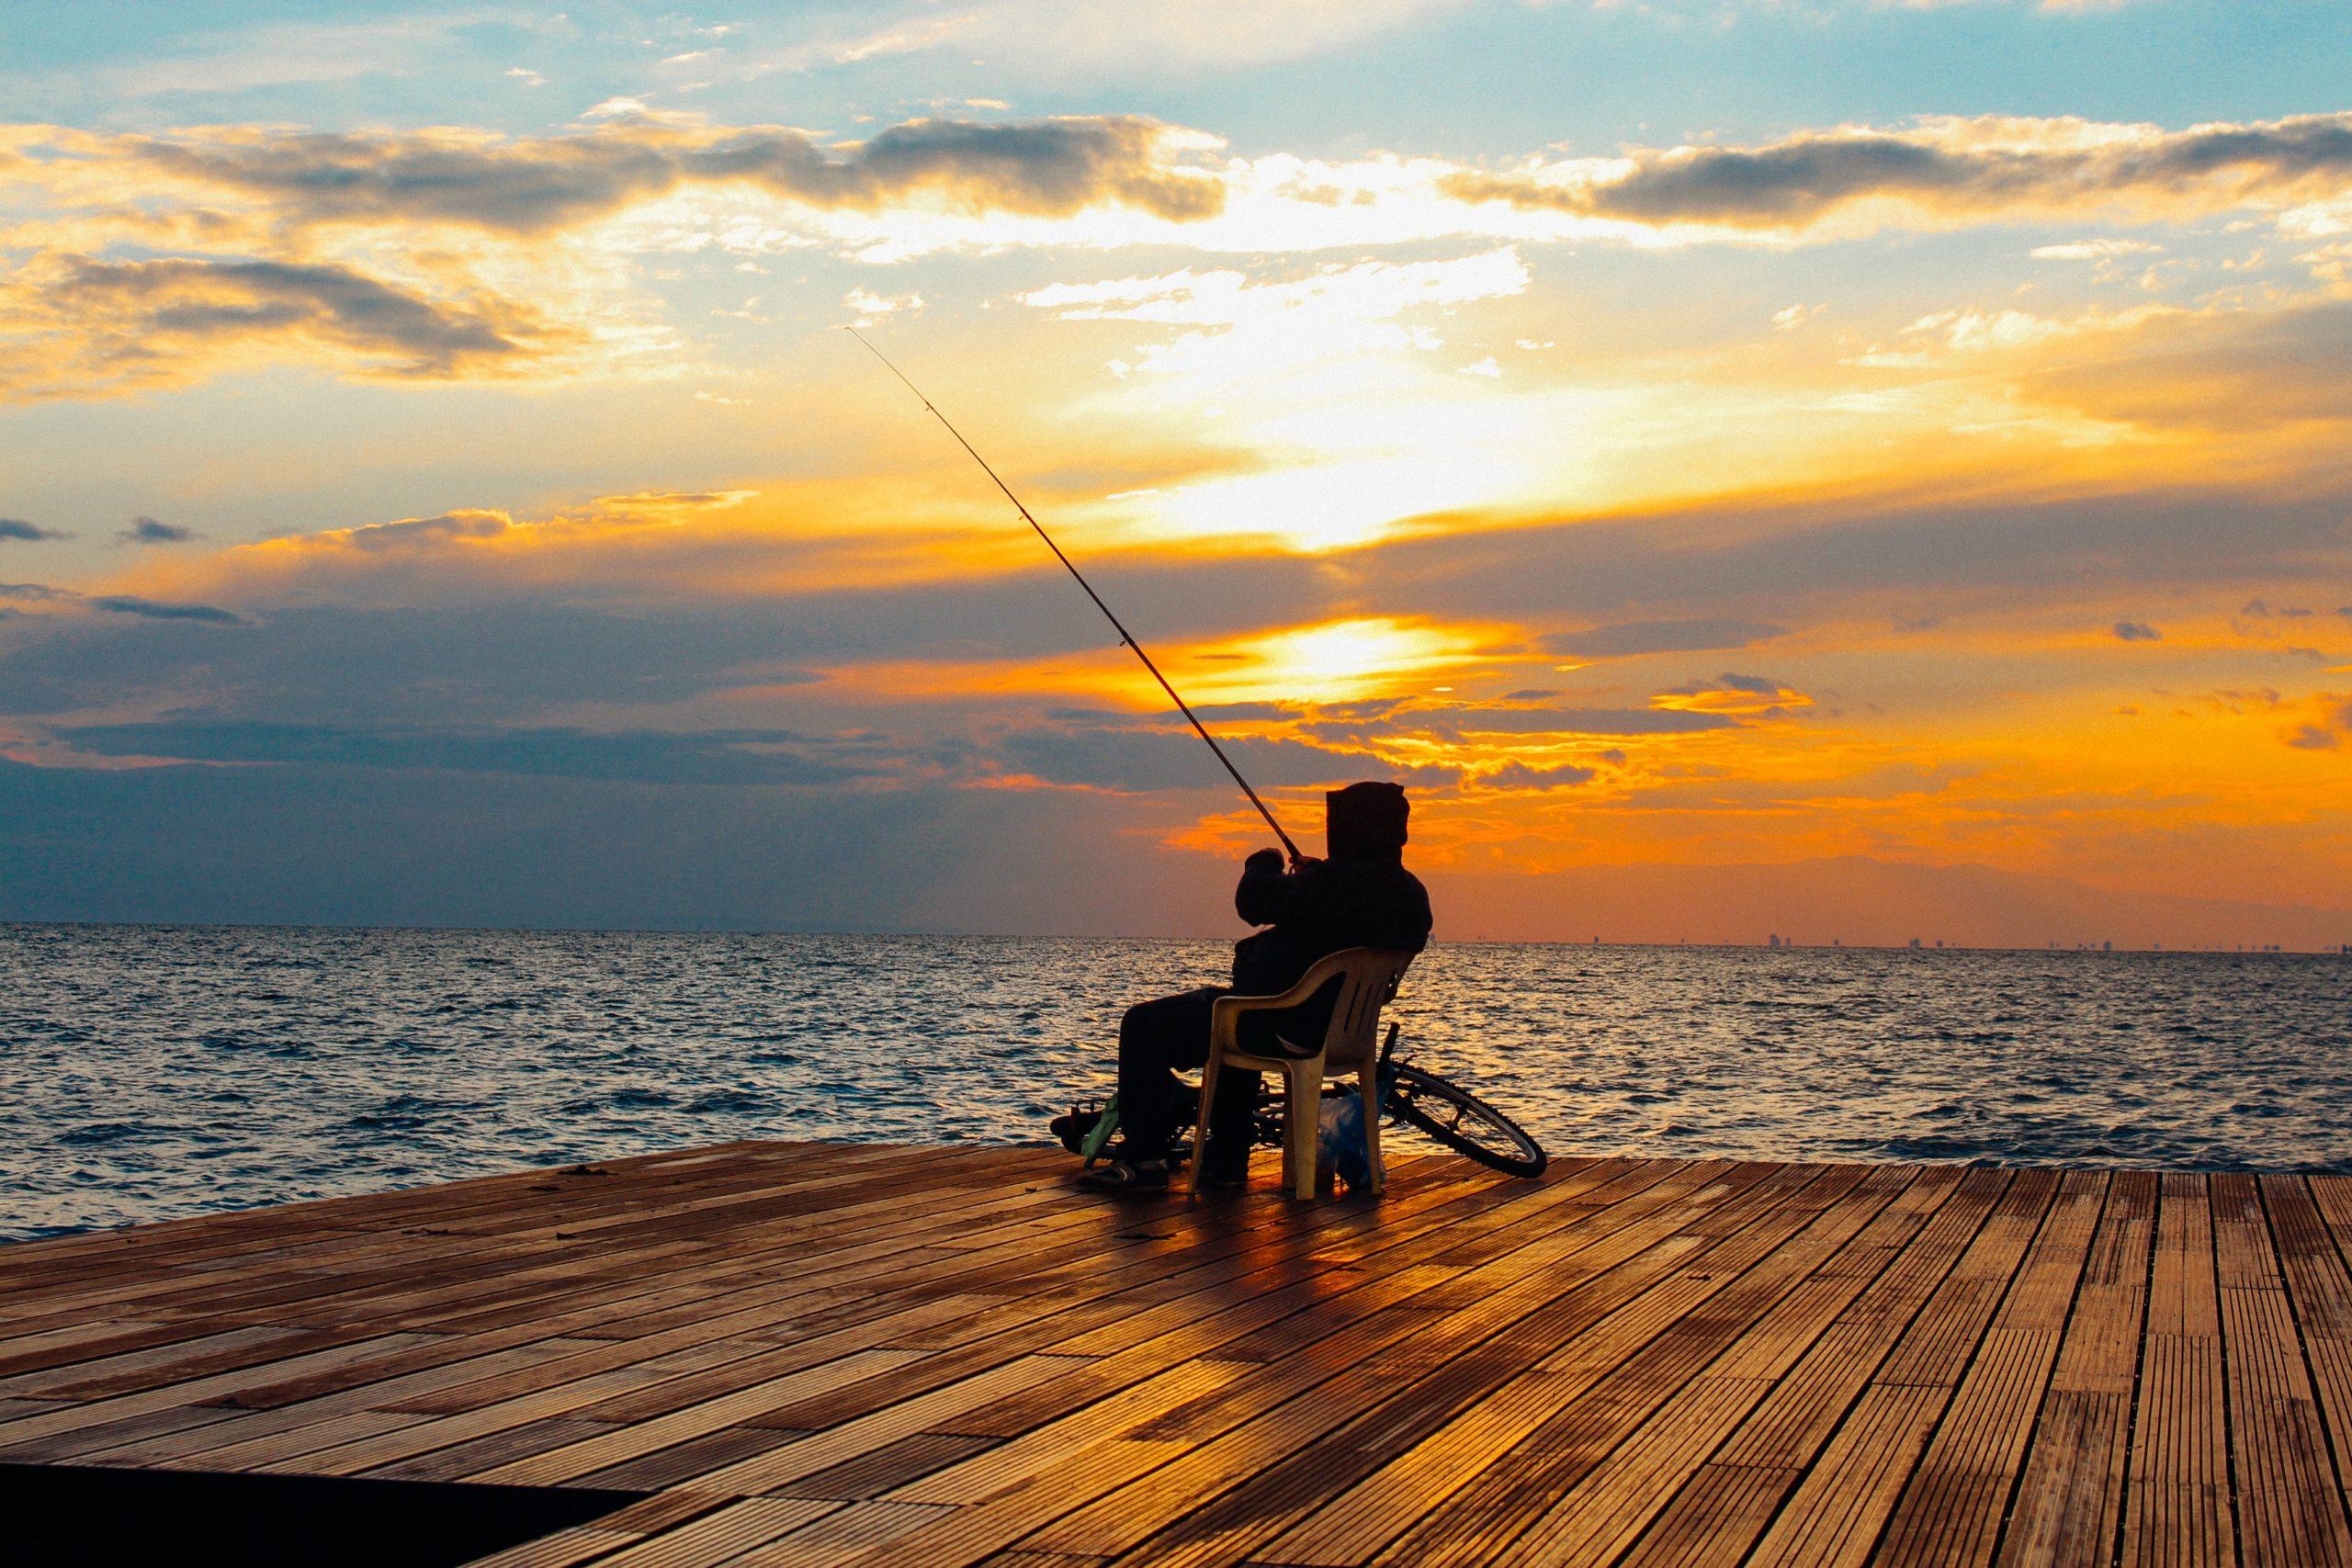 zanęty wędkarskie to klucz do łowienia ryb